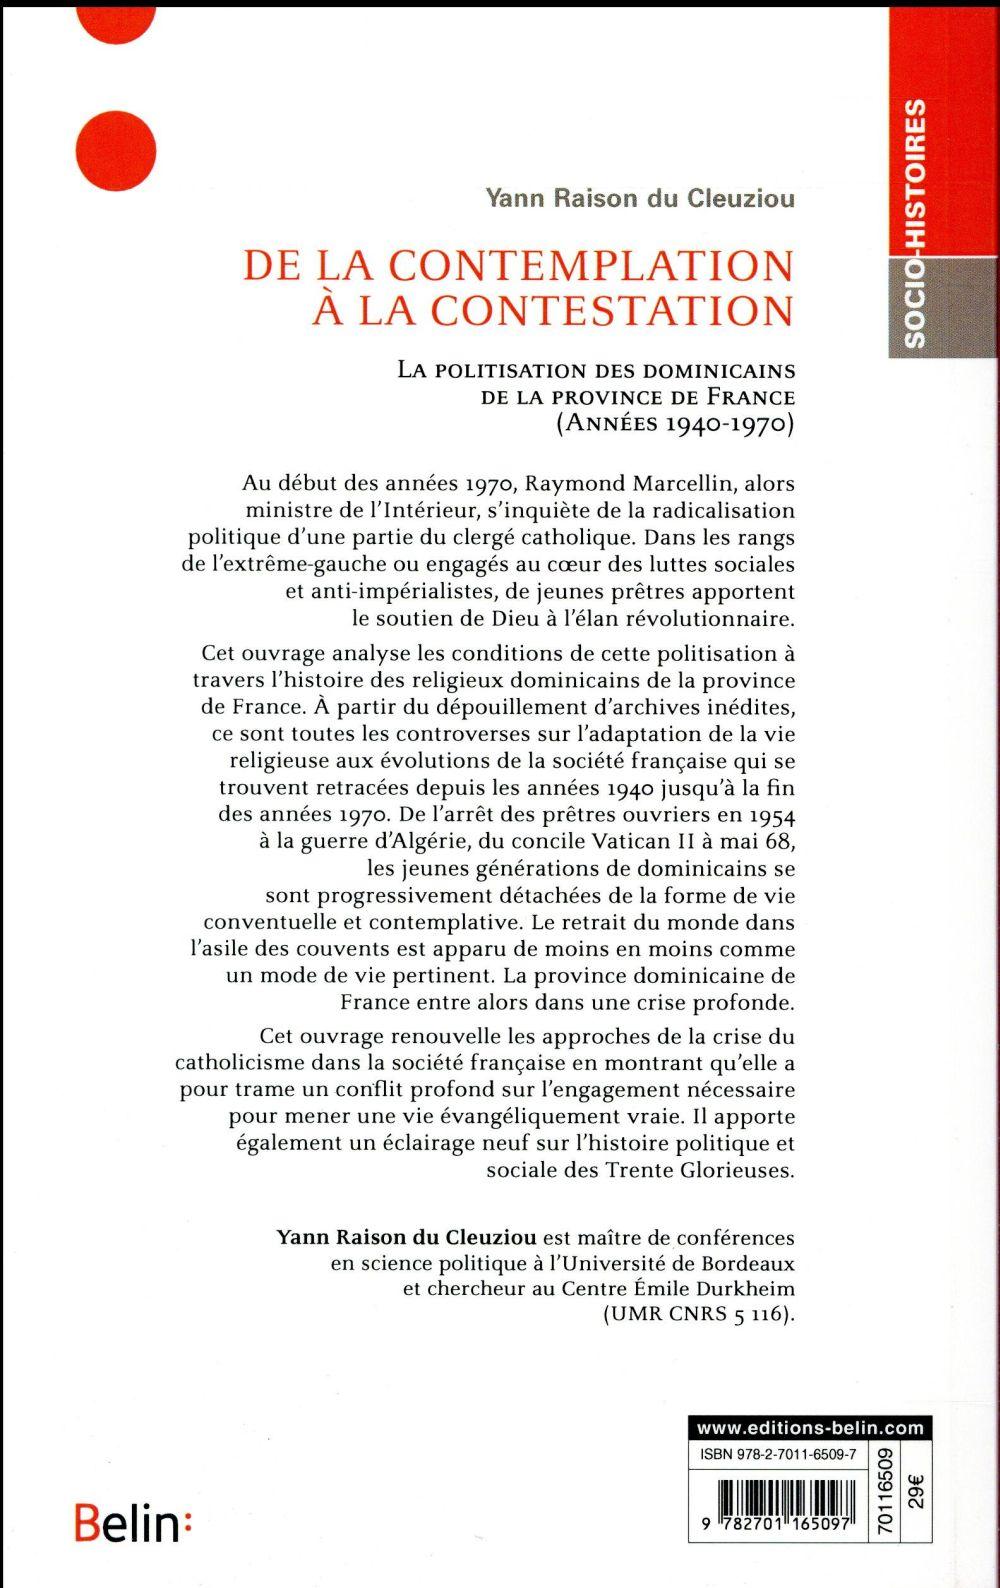 De la contemplation à la contestation ; la politisation des dominicains de la province de France (années 1940-1970)